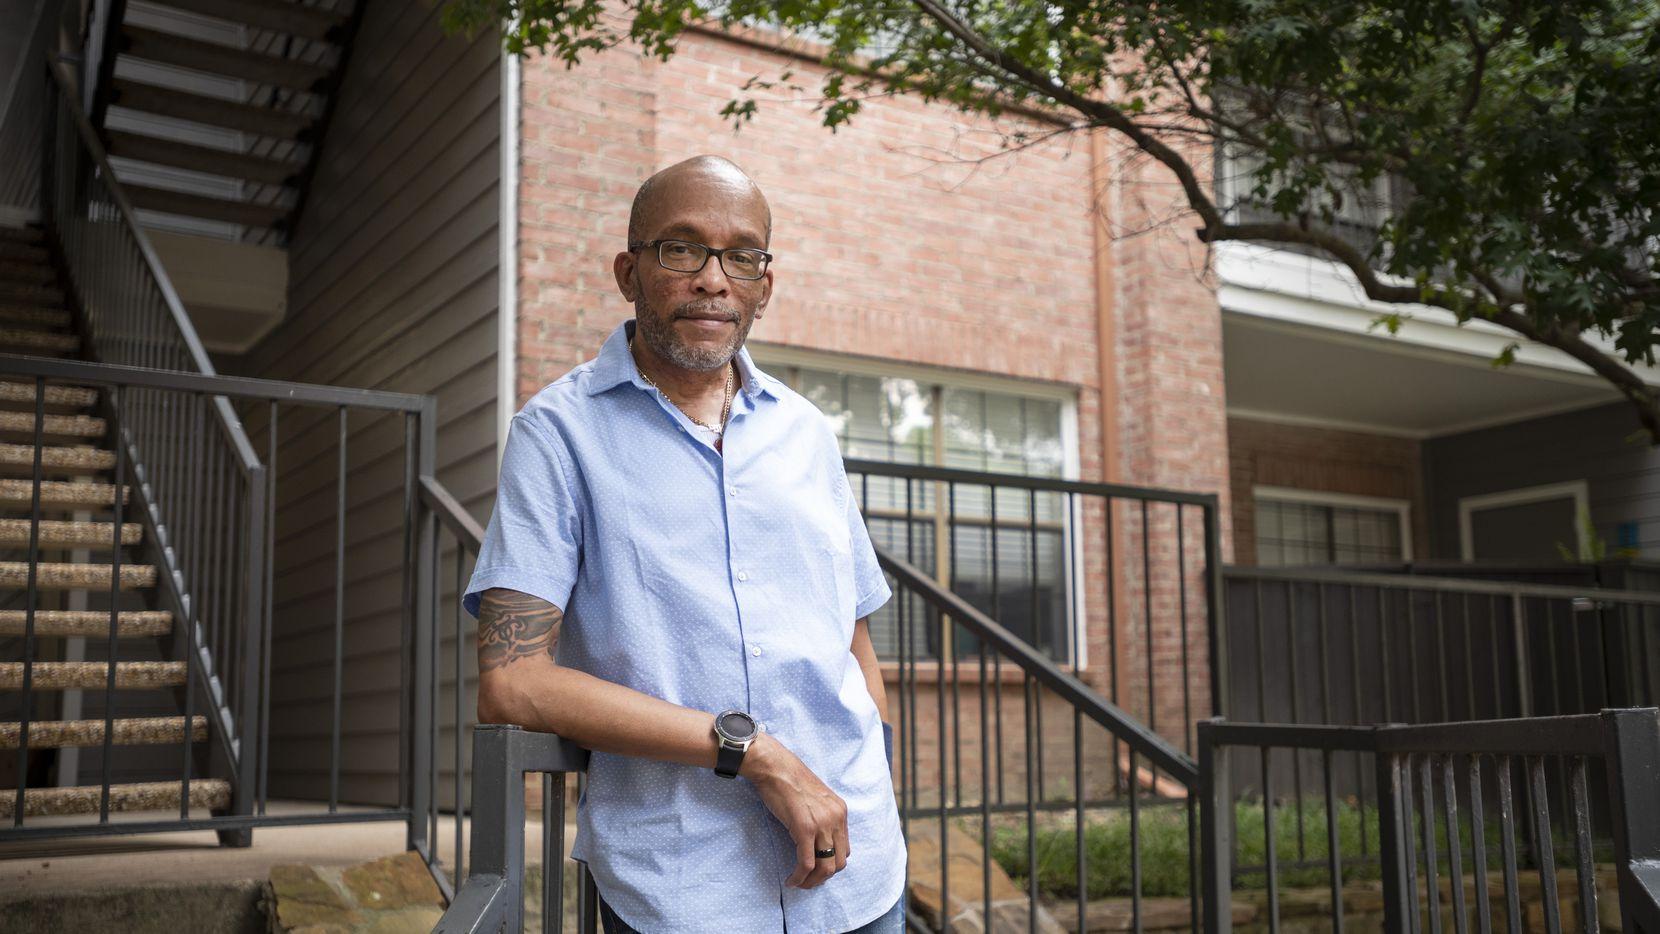 Jason Hale, de 48 años, esperó casi 20 años para recibir un trasplante de riñón. Hispanos y afroamericanos están rezagados en las bases de datos de donantes de órganos.